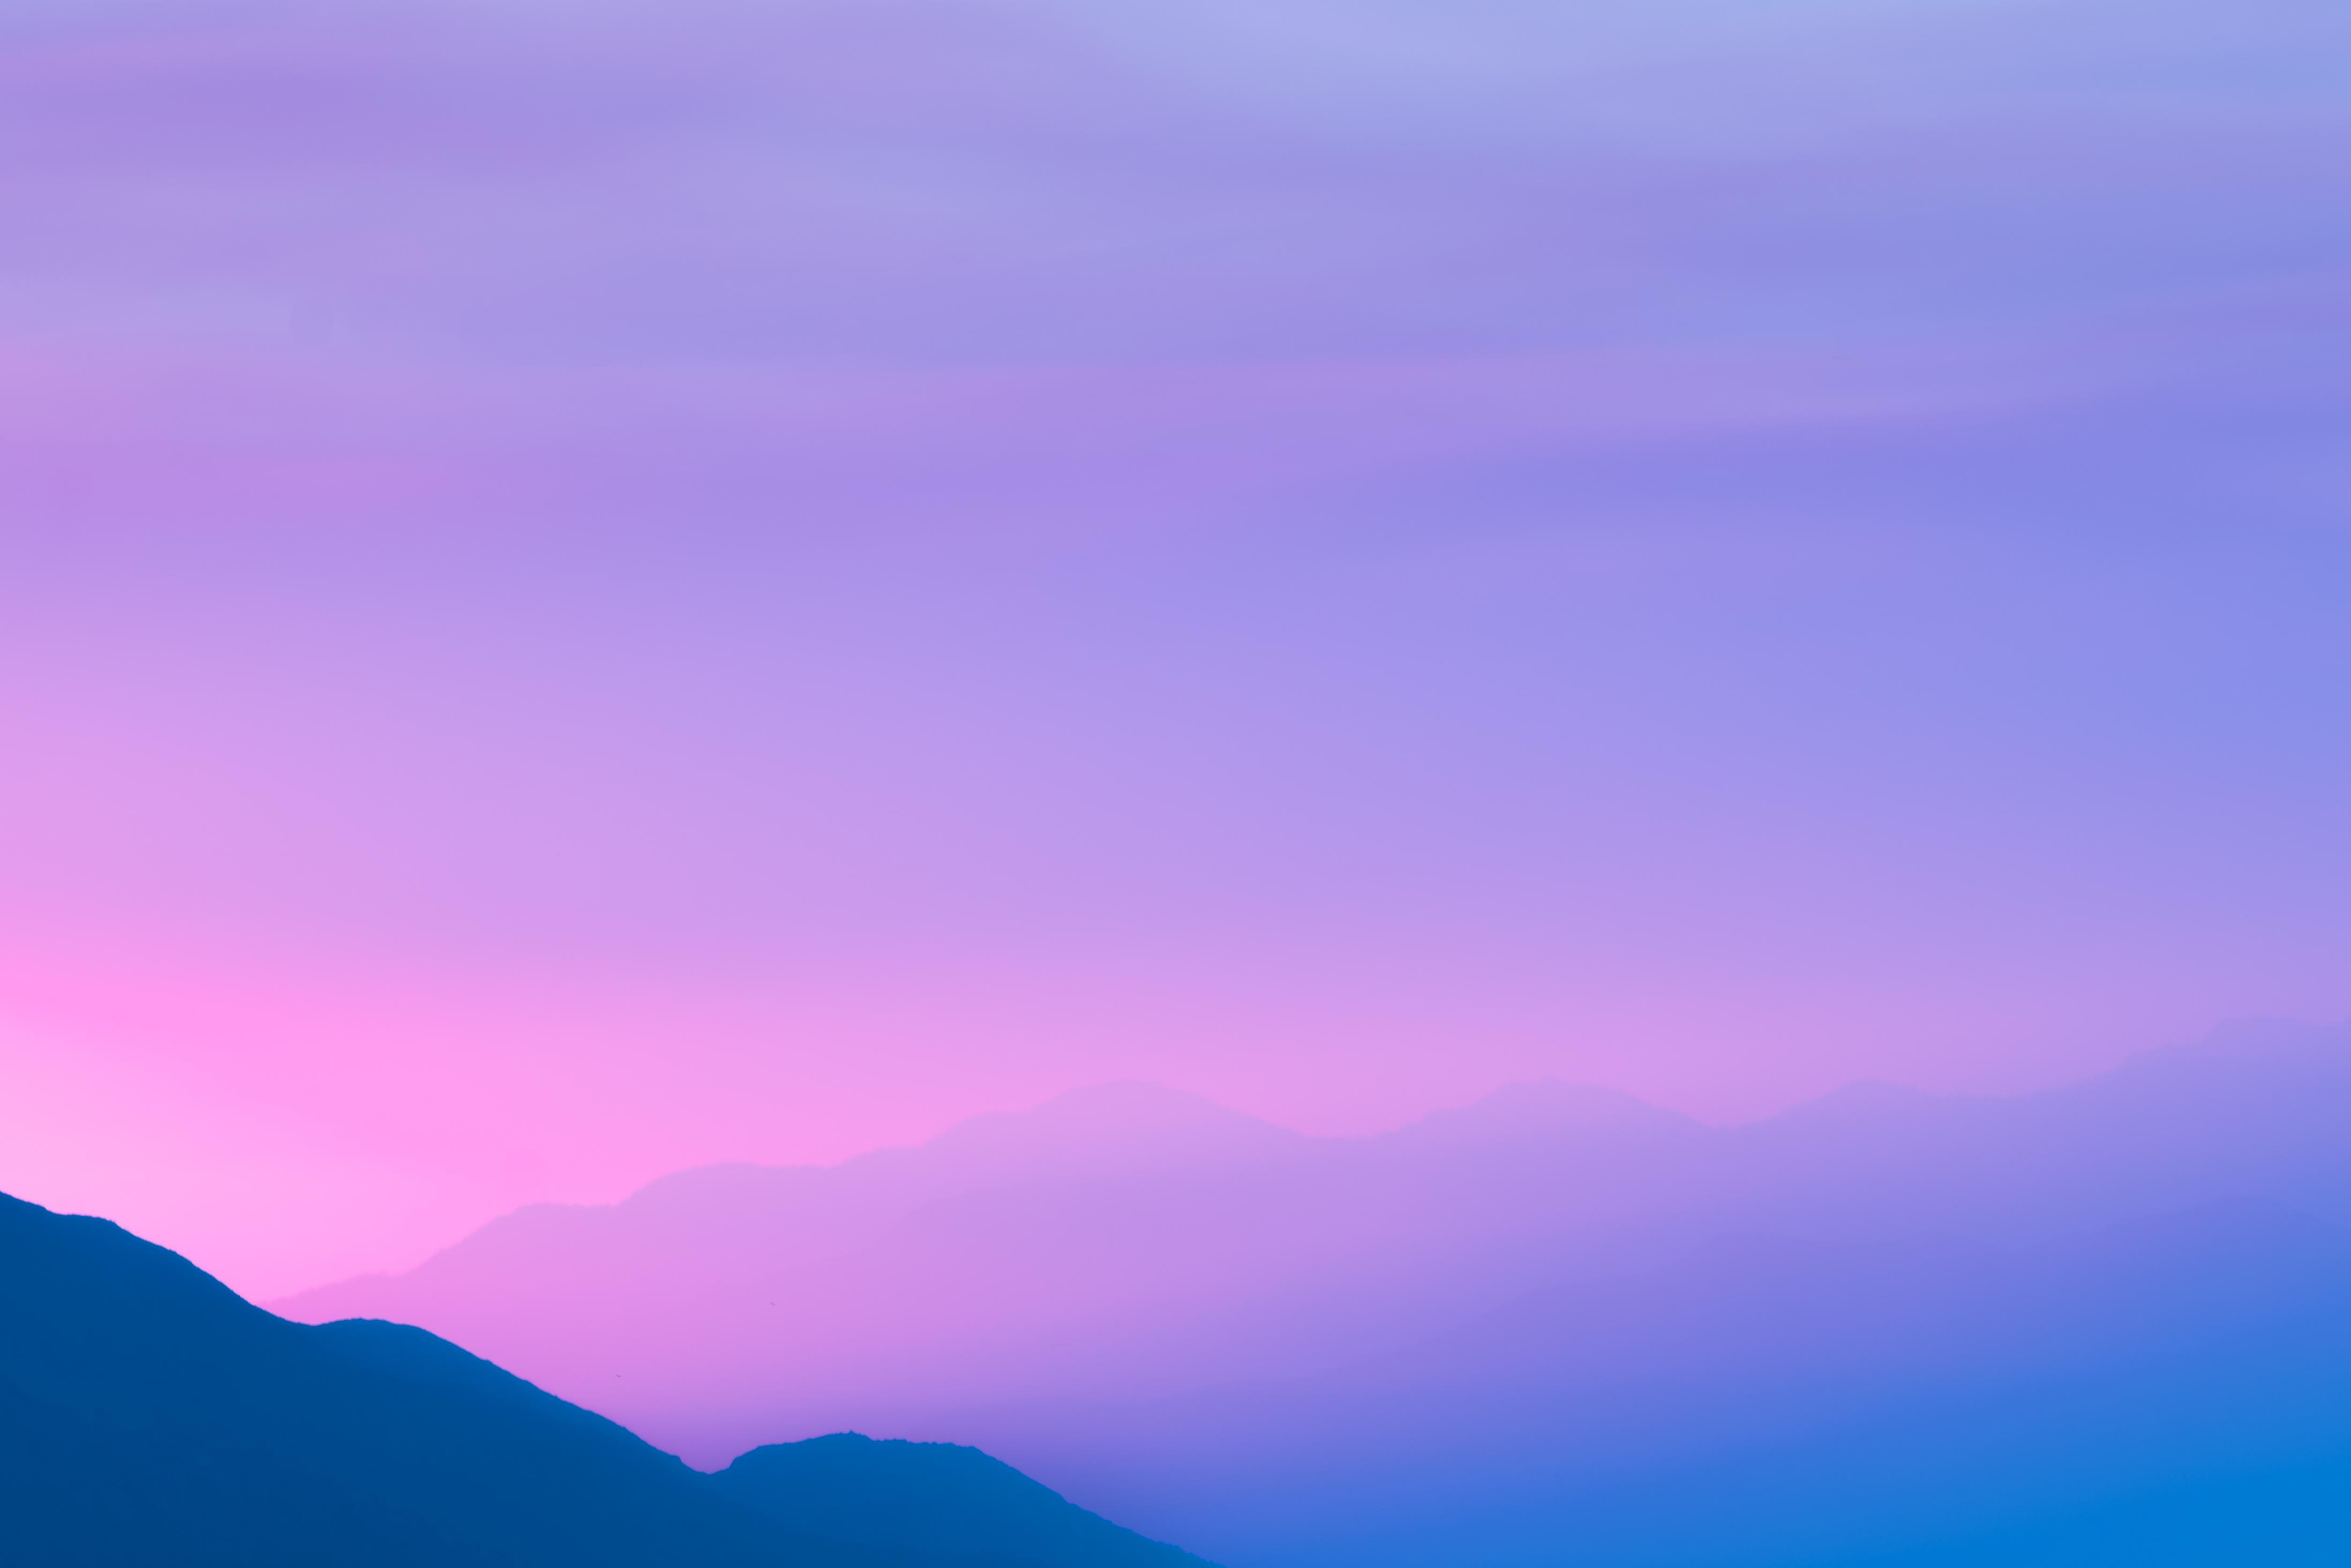 Ảnh background bầu trời màu tím cực đẹp